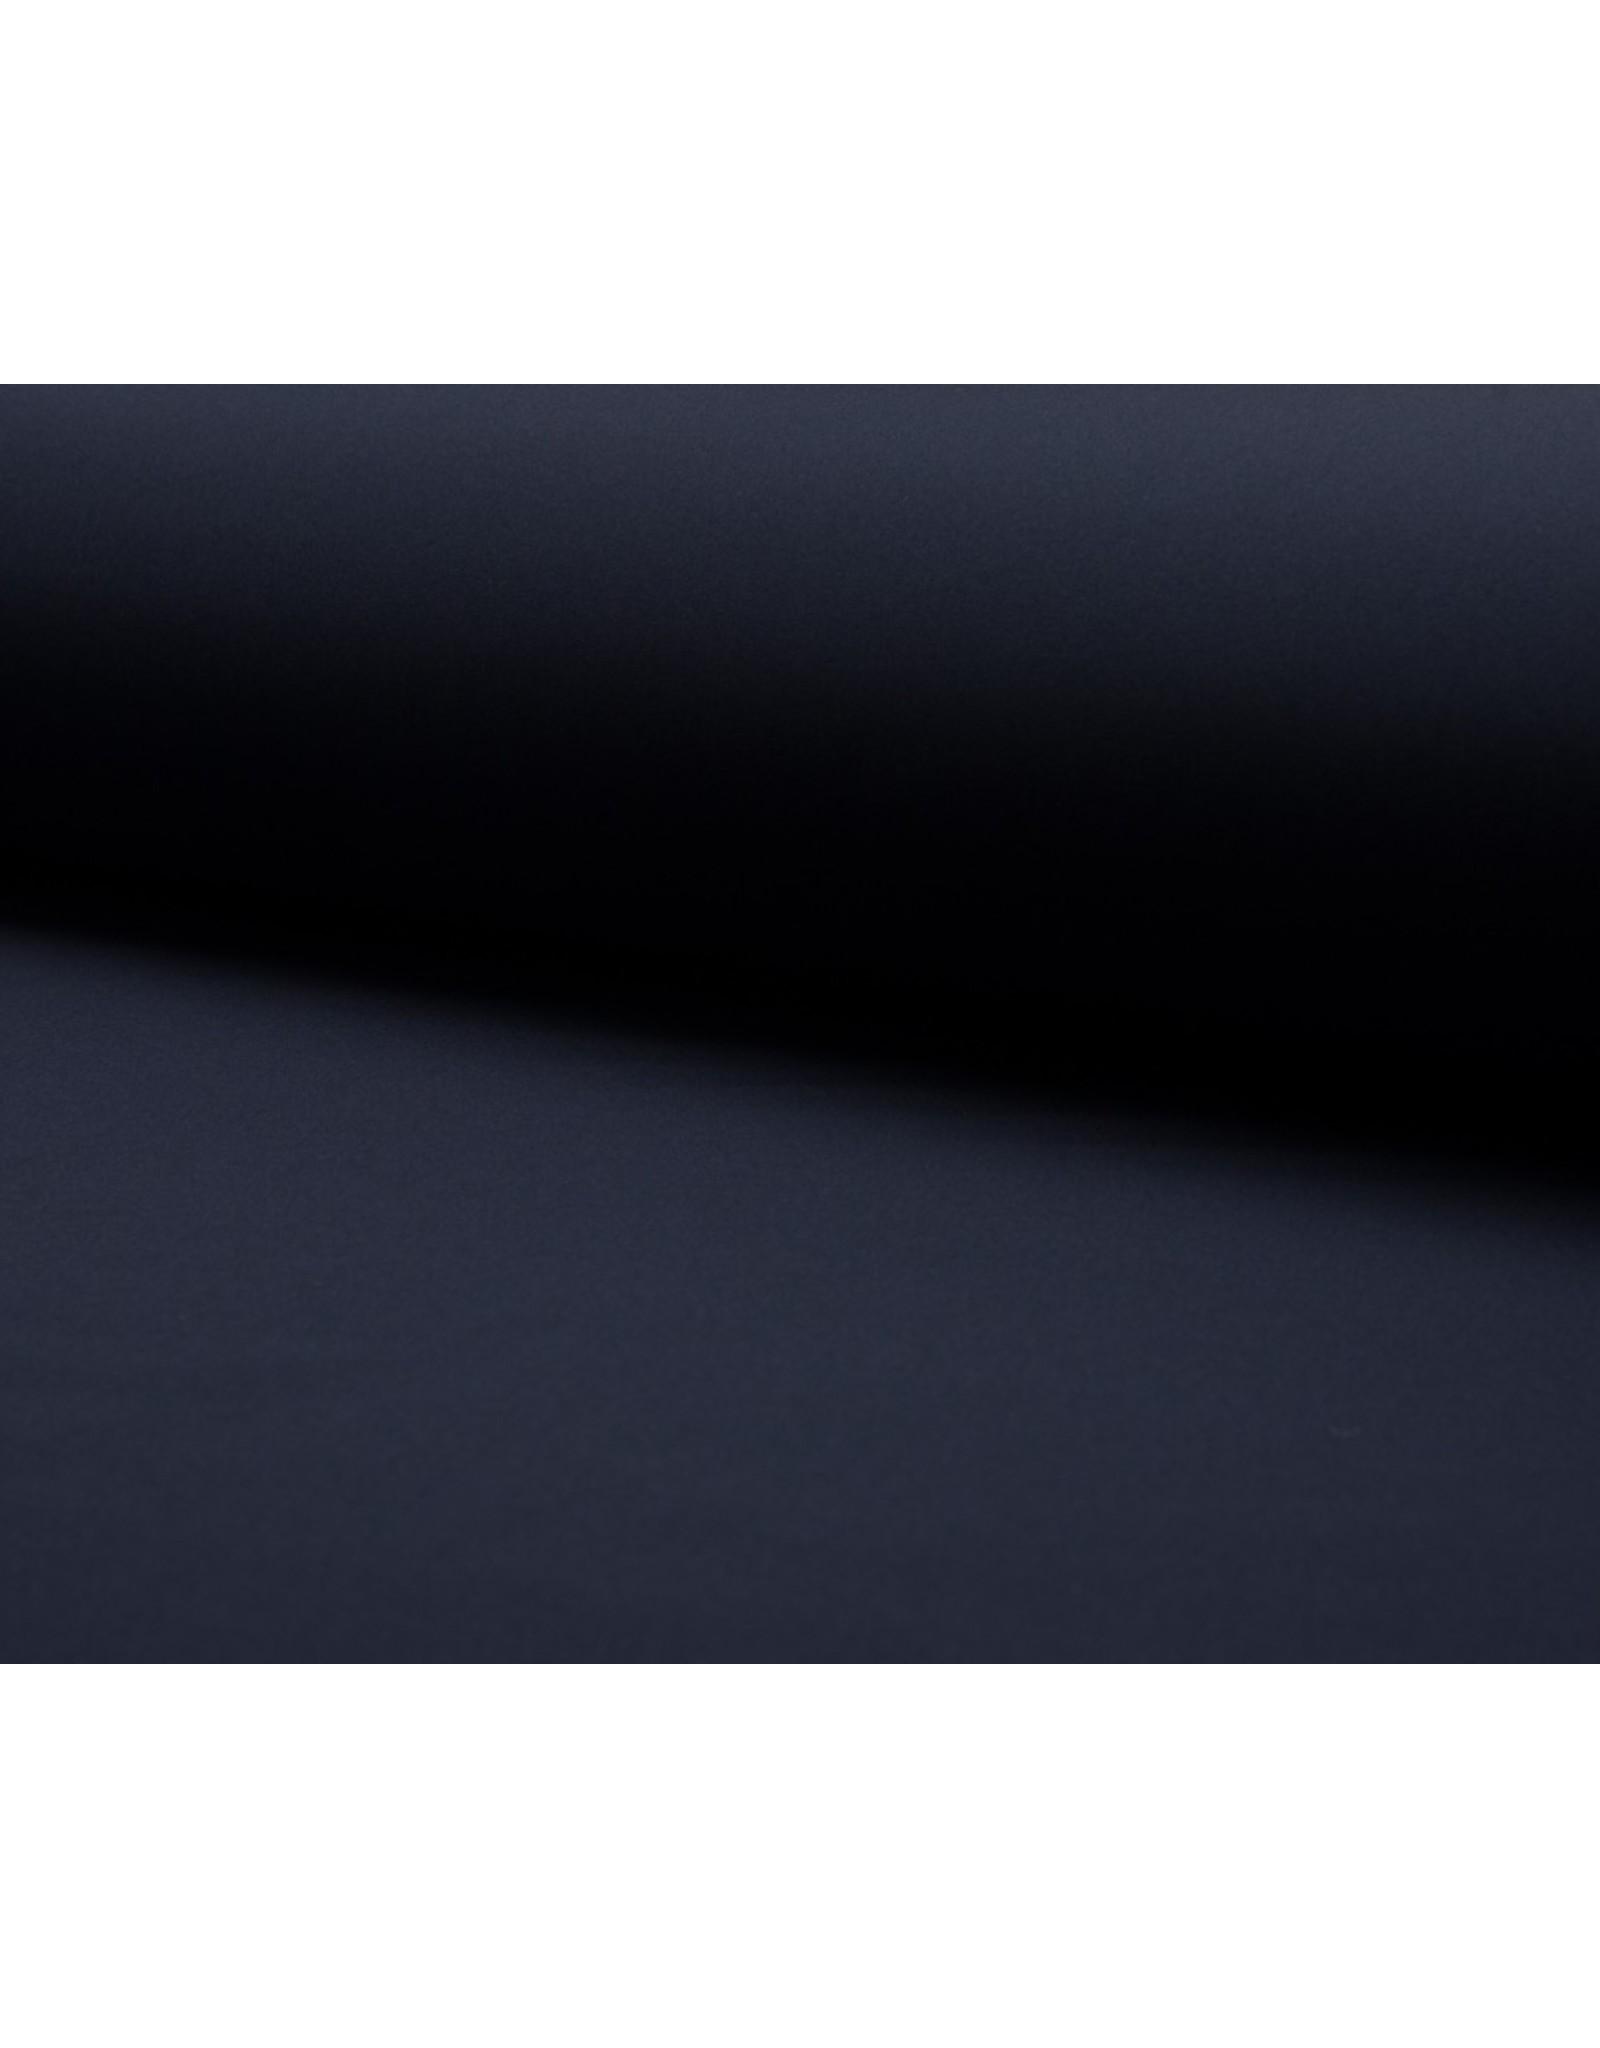 Softshell stof Uni - Navy